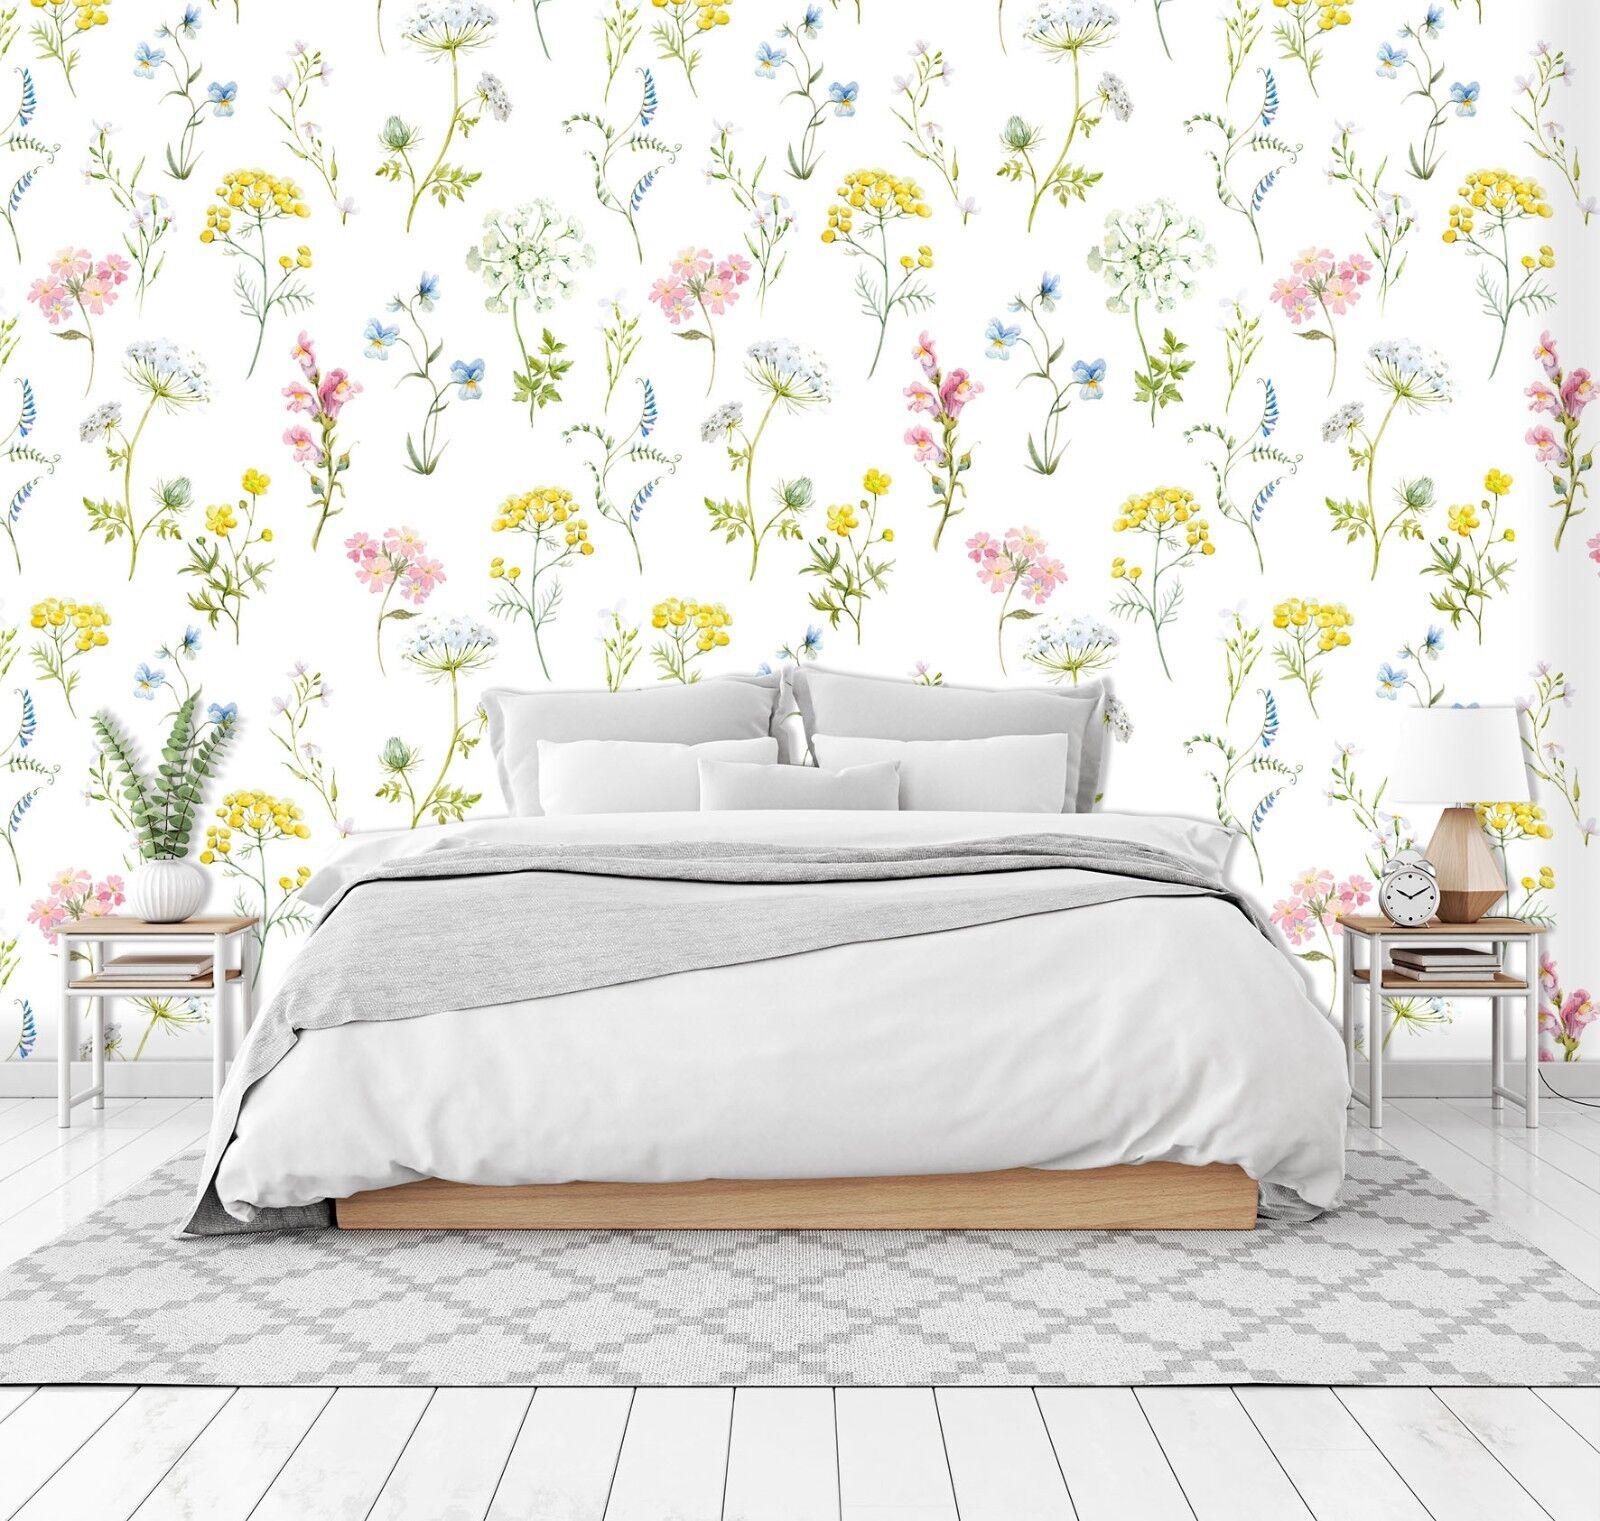 3D Farbe Flowers Art 783 Wallpaper Mural Paper Wall Print Murals UK Summer